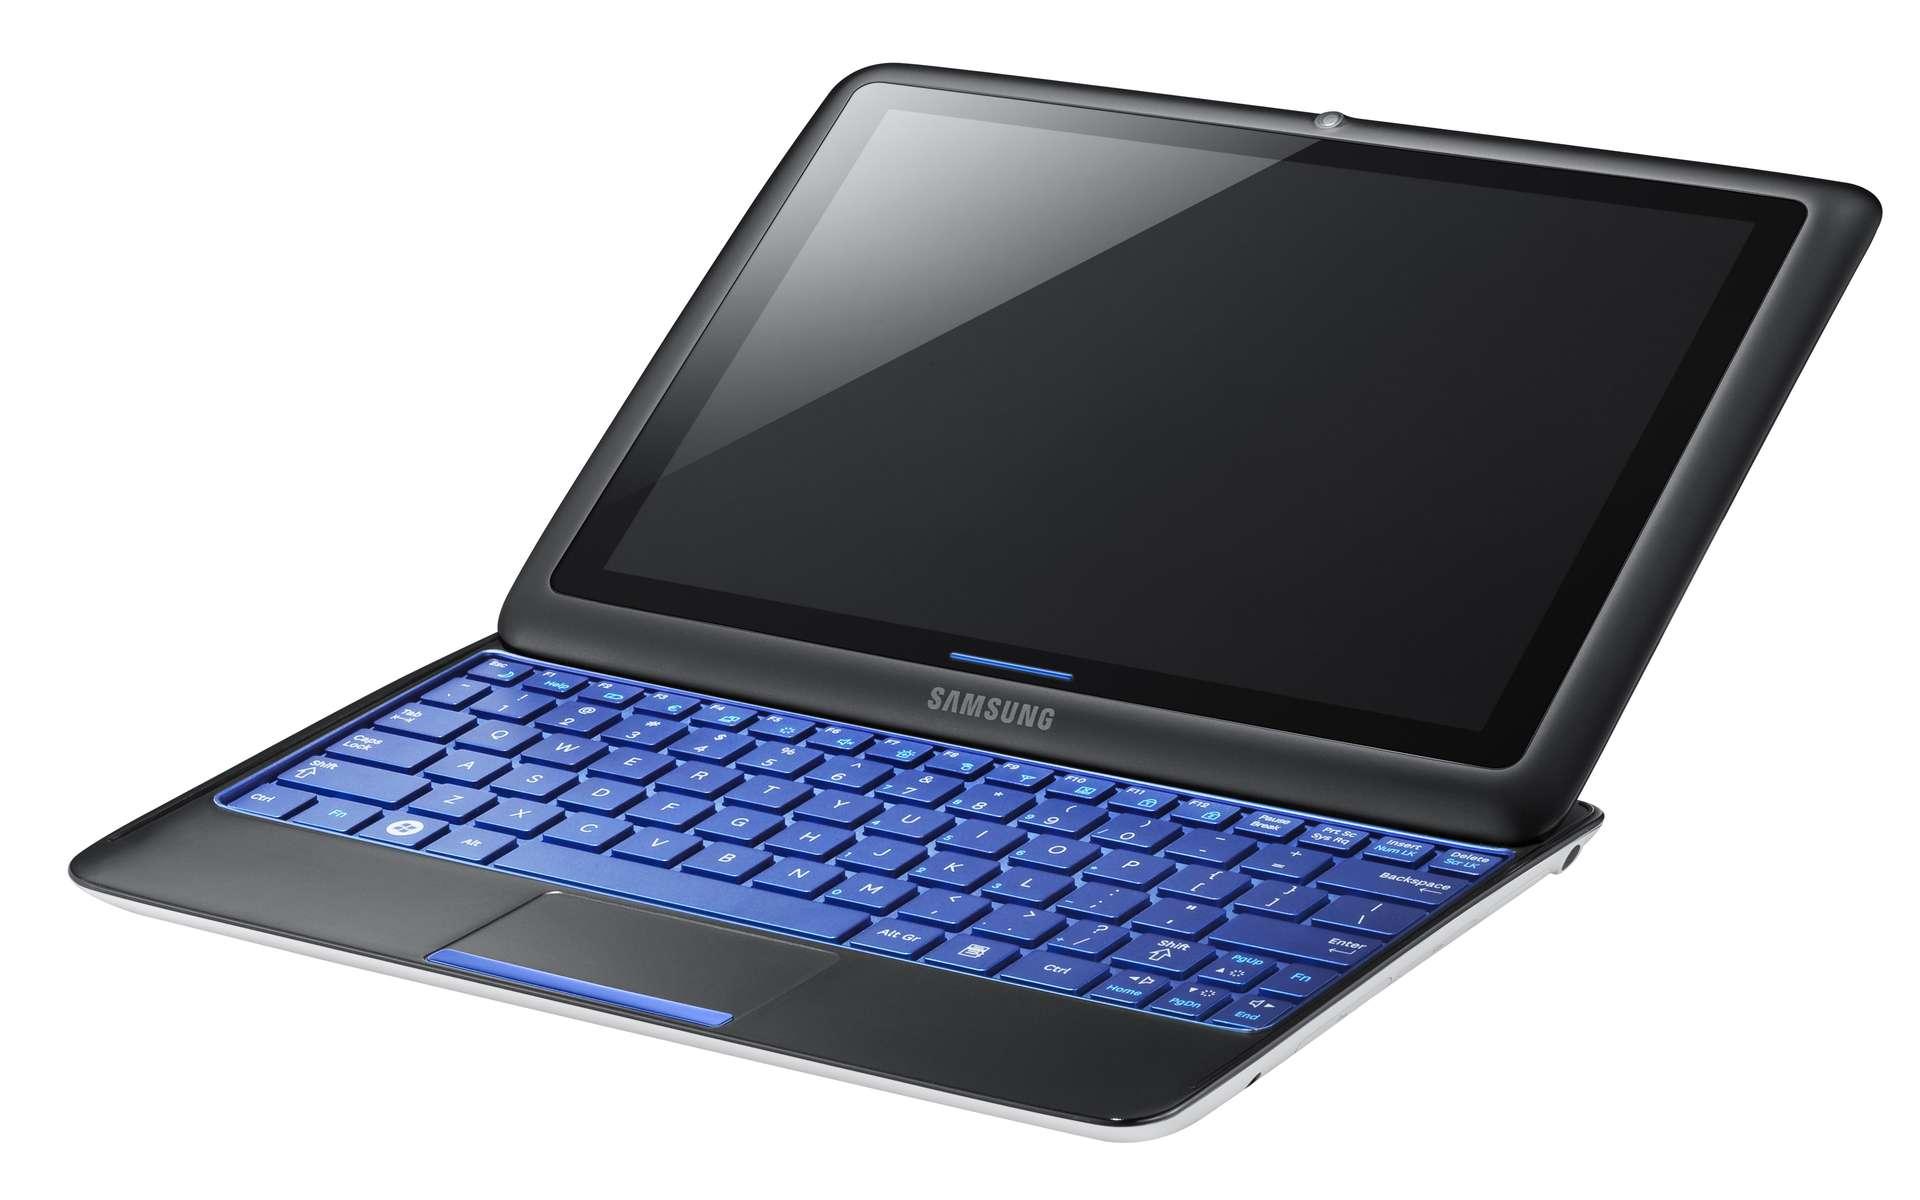 Le Samsung Sliding PC 7, une tablette-ordinateur plutôt originale. © Samsung